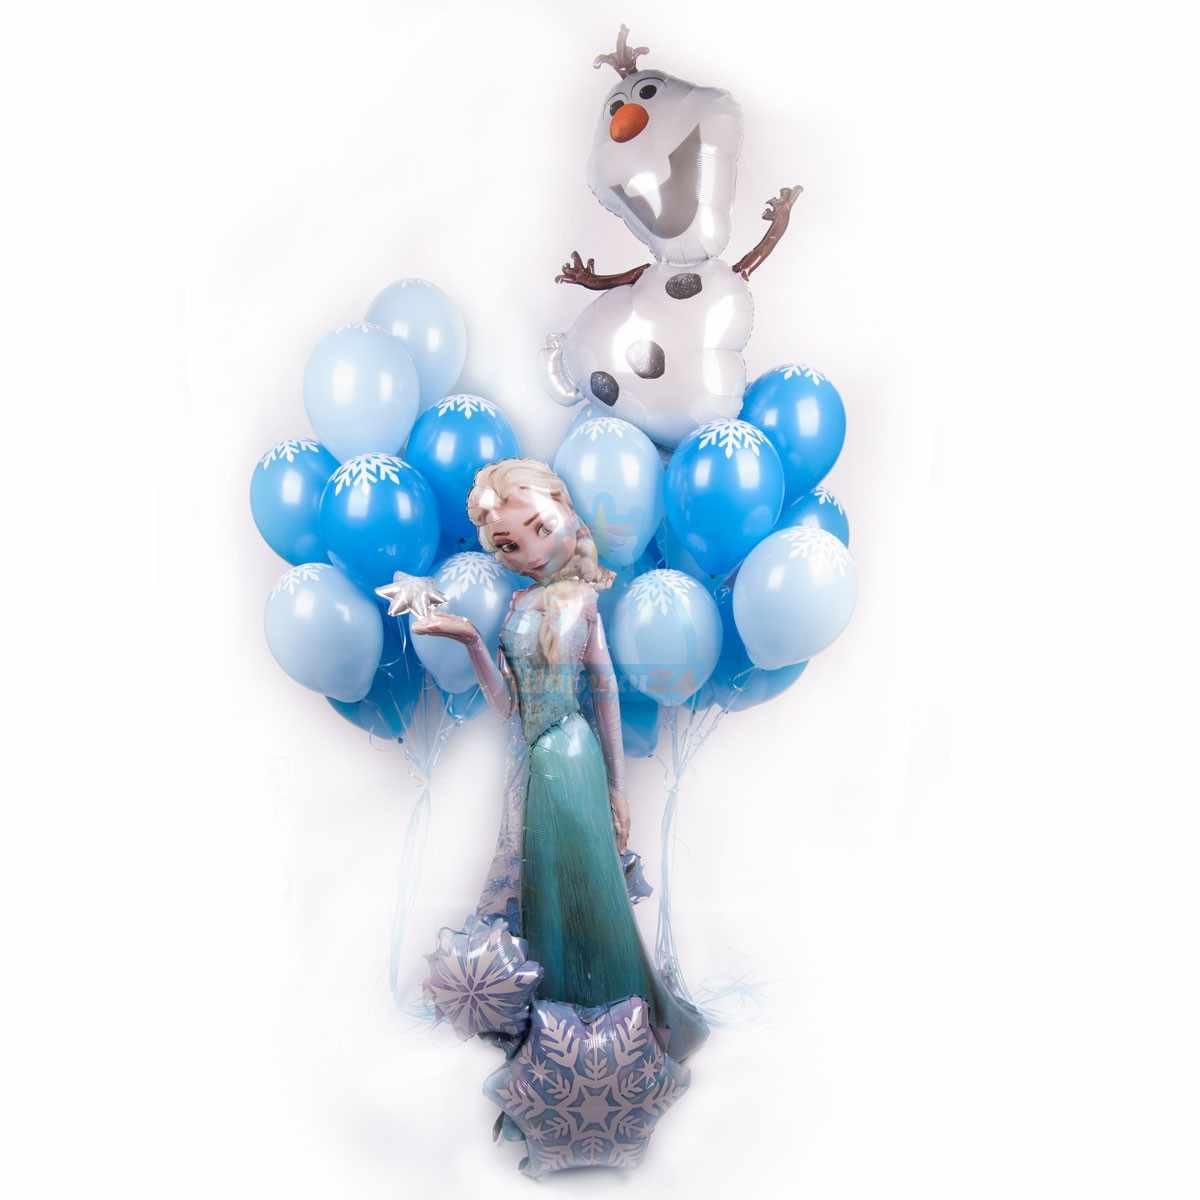 Композиция холодное сердце фото в интернет-магазине Шарики 24